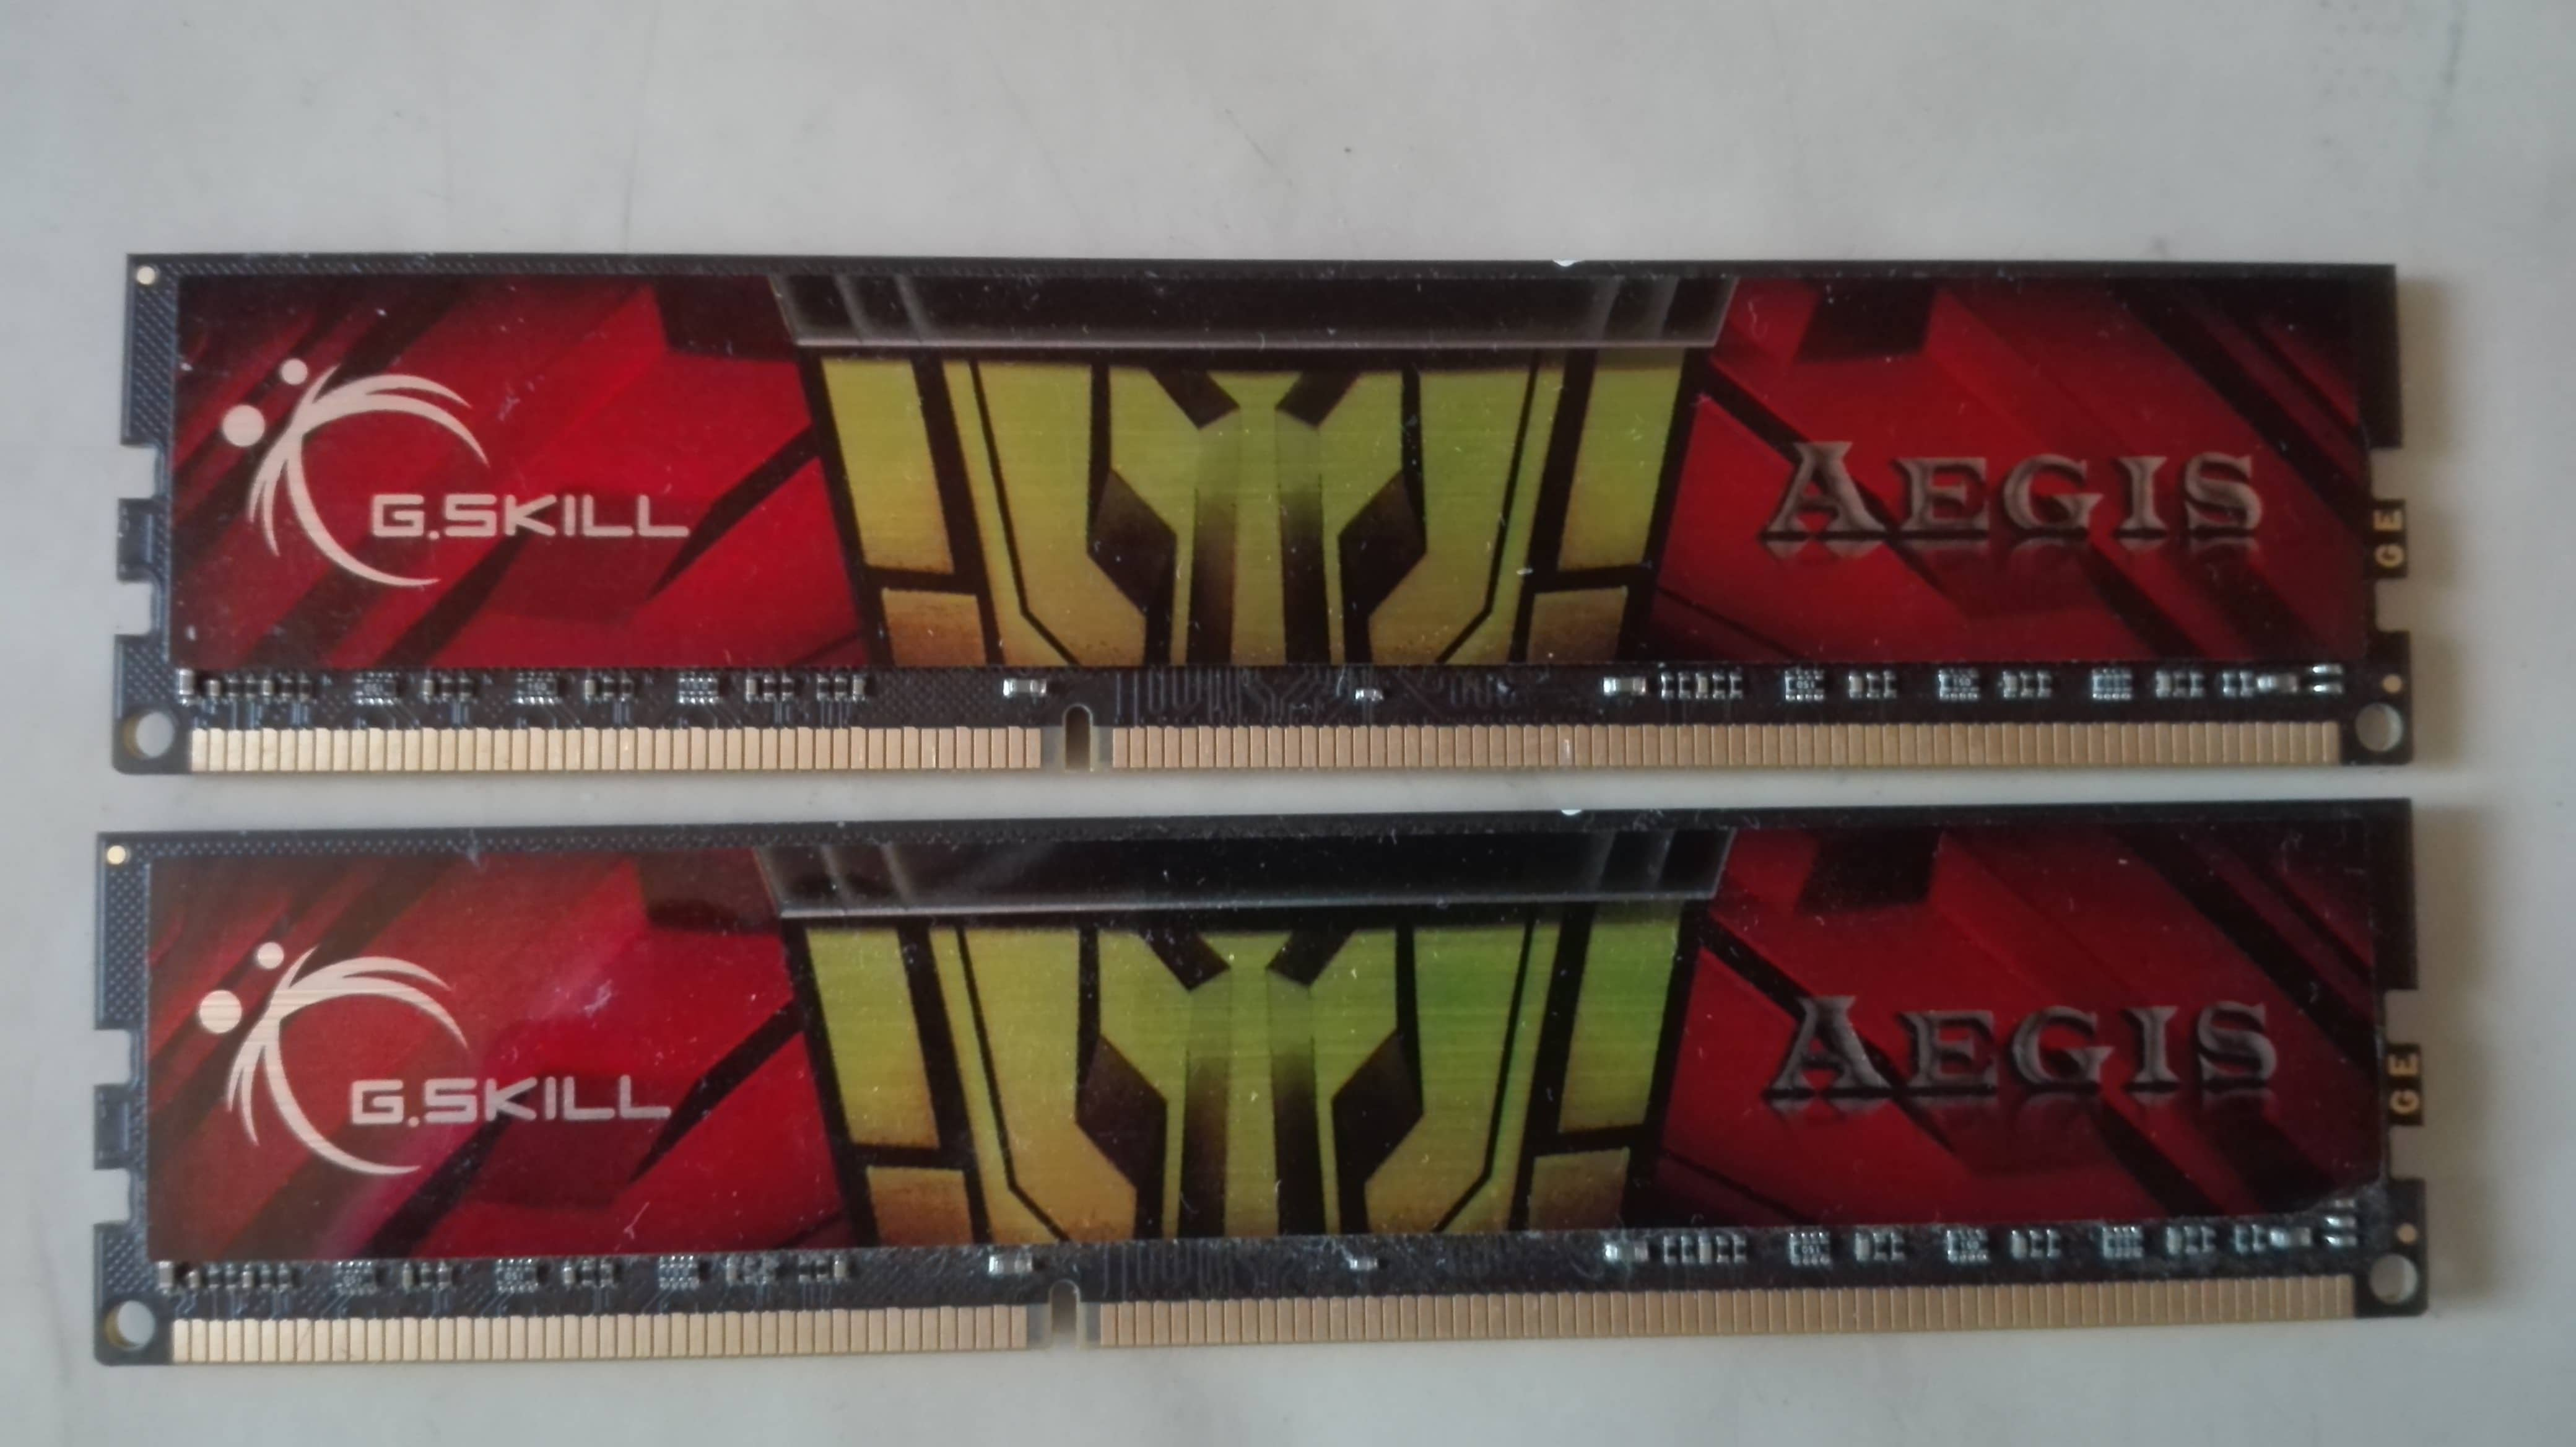 G.SKILL Aegis DDR3 4go 1333mhz